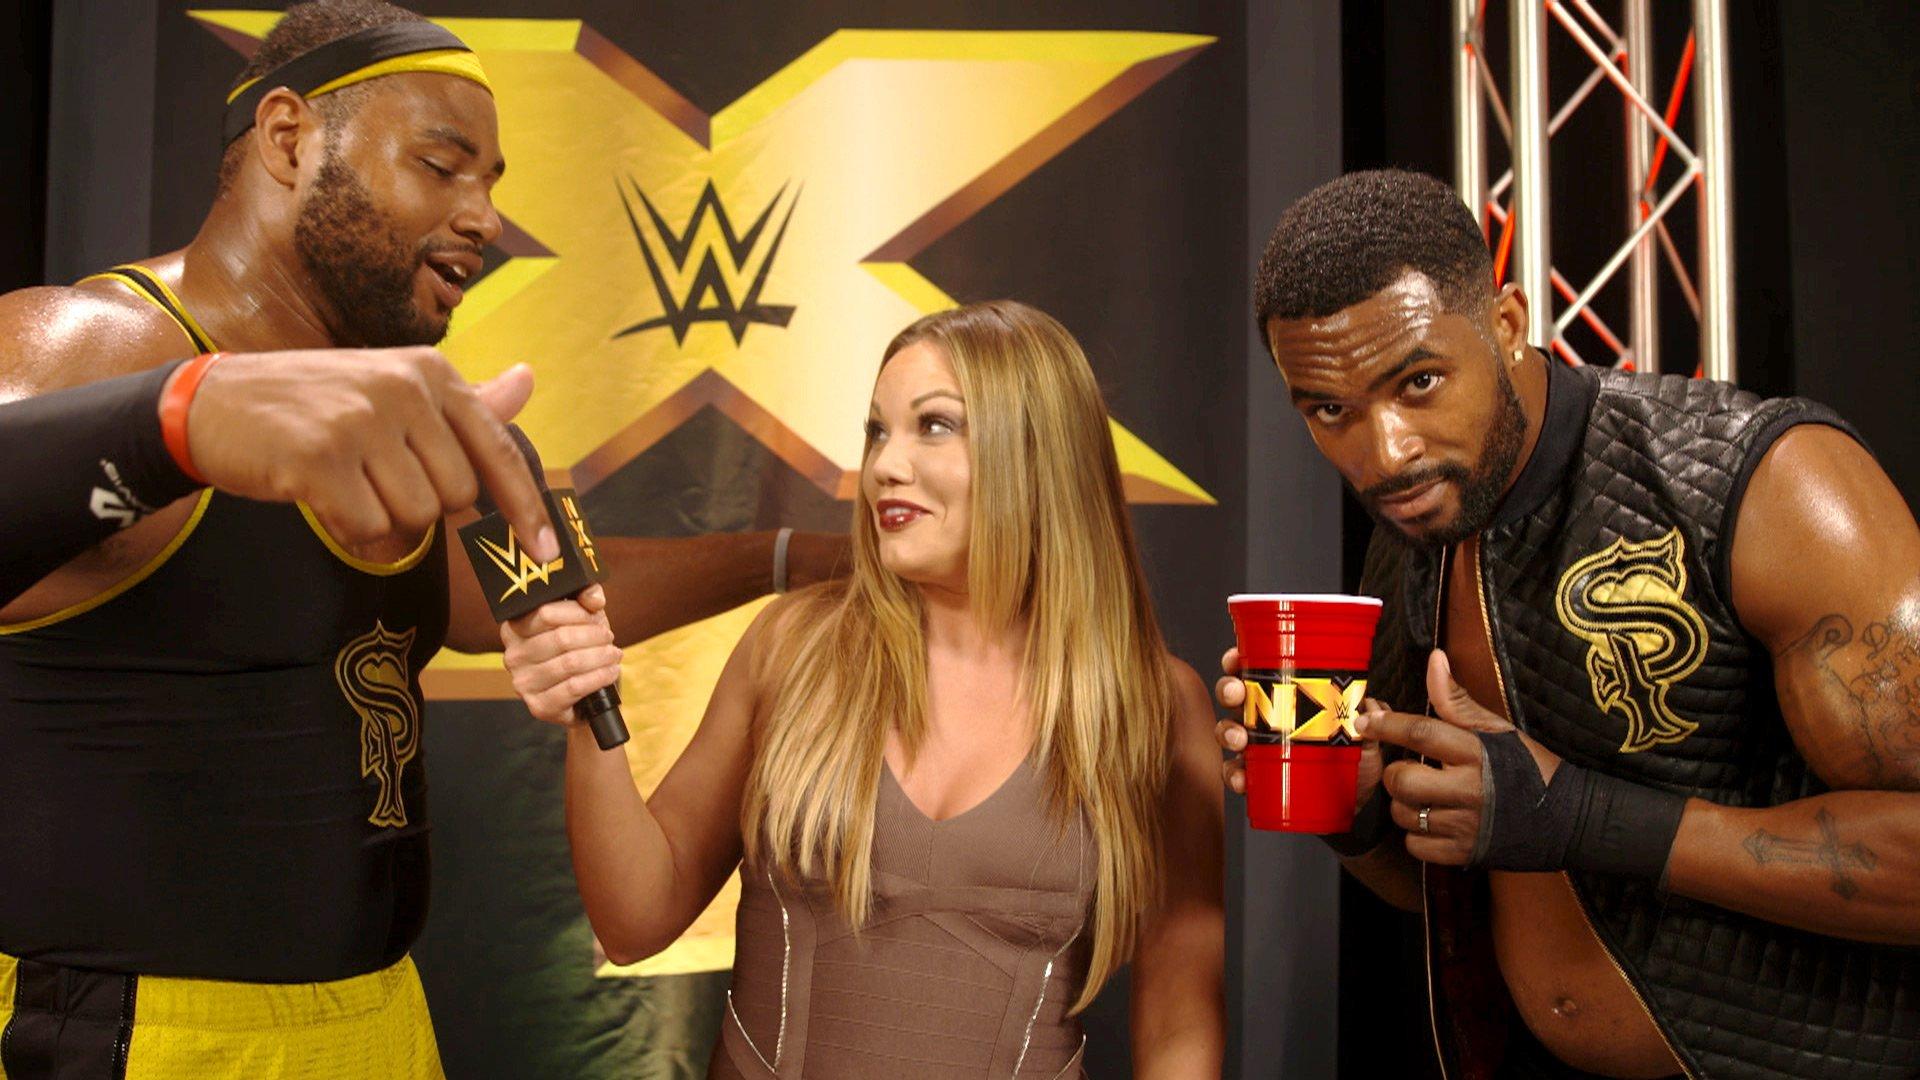 Street Profits świętują wygraną w NXT: WWE.com Exclusive 09.08.17